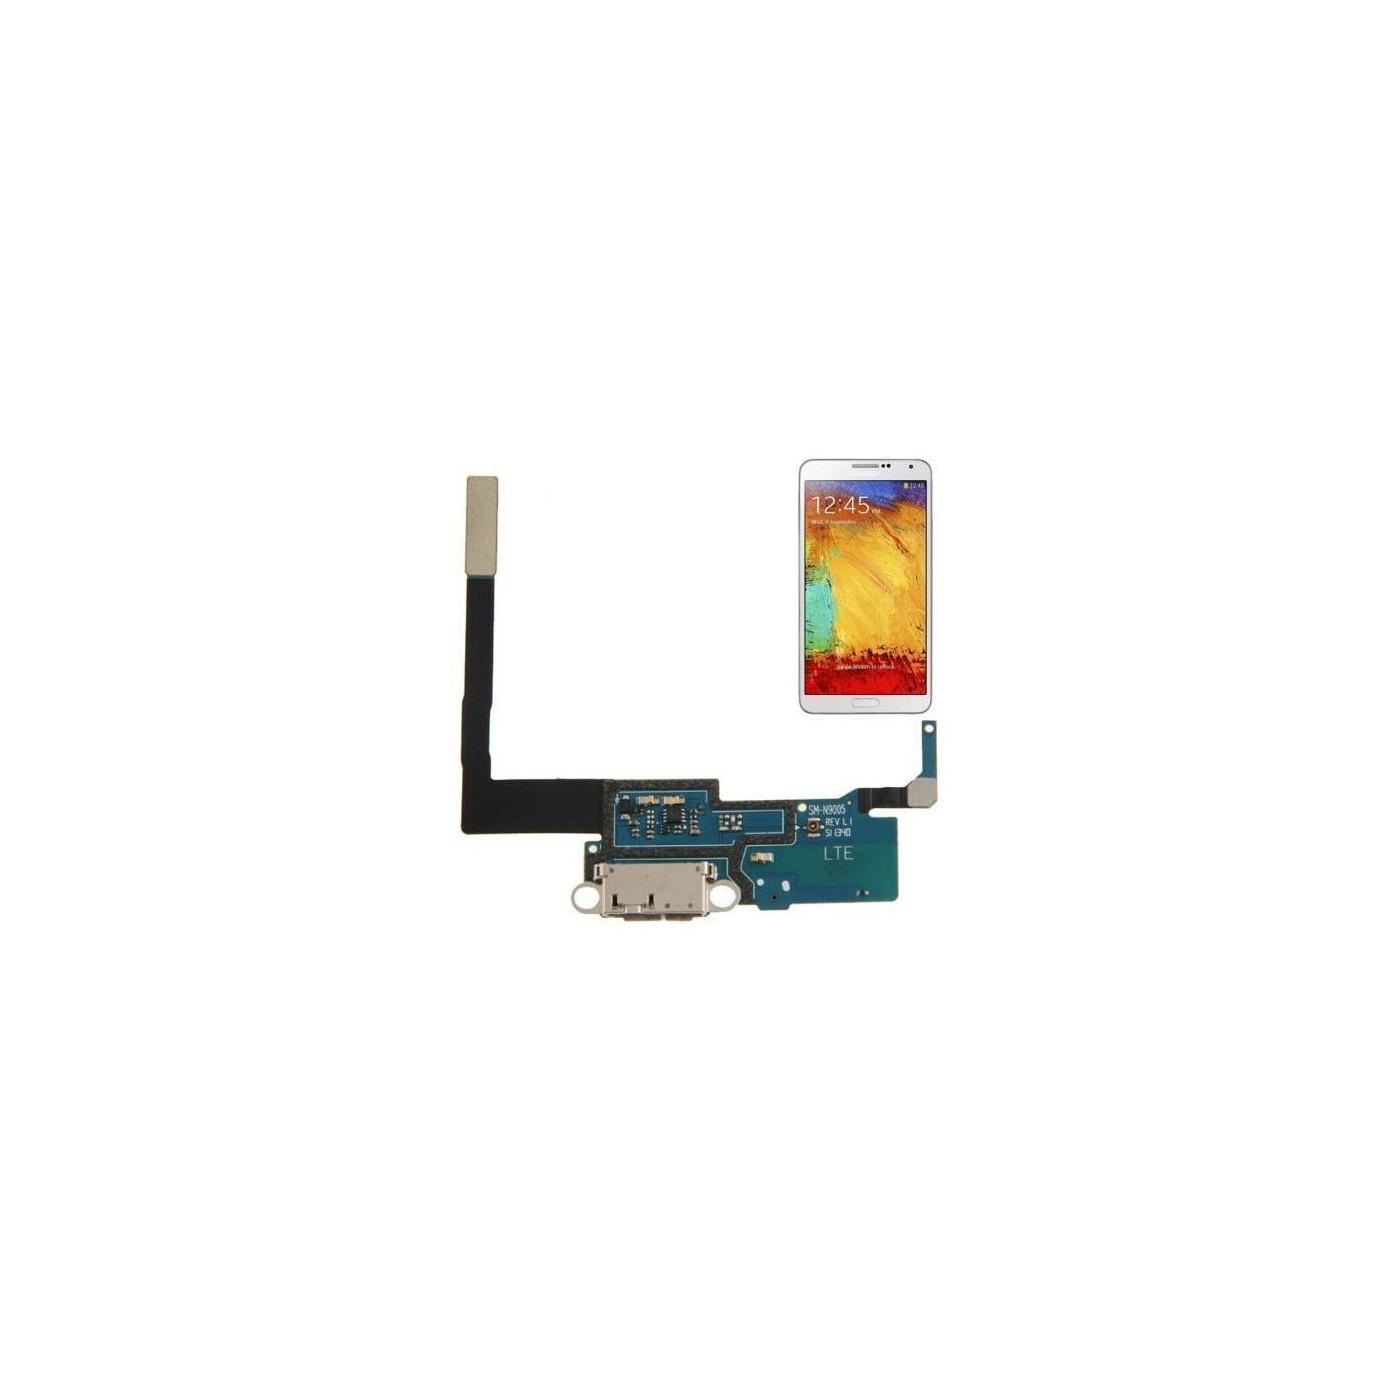 Connecteur de charge plat pour Samsung Galaxy Note III N9005 Station de chargement USB